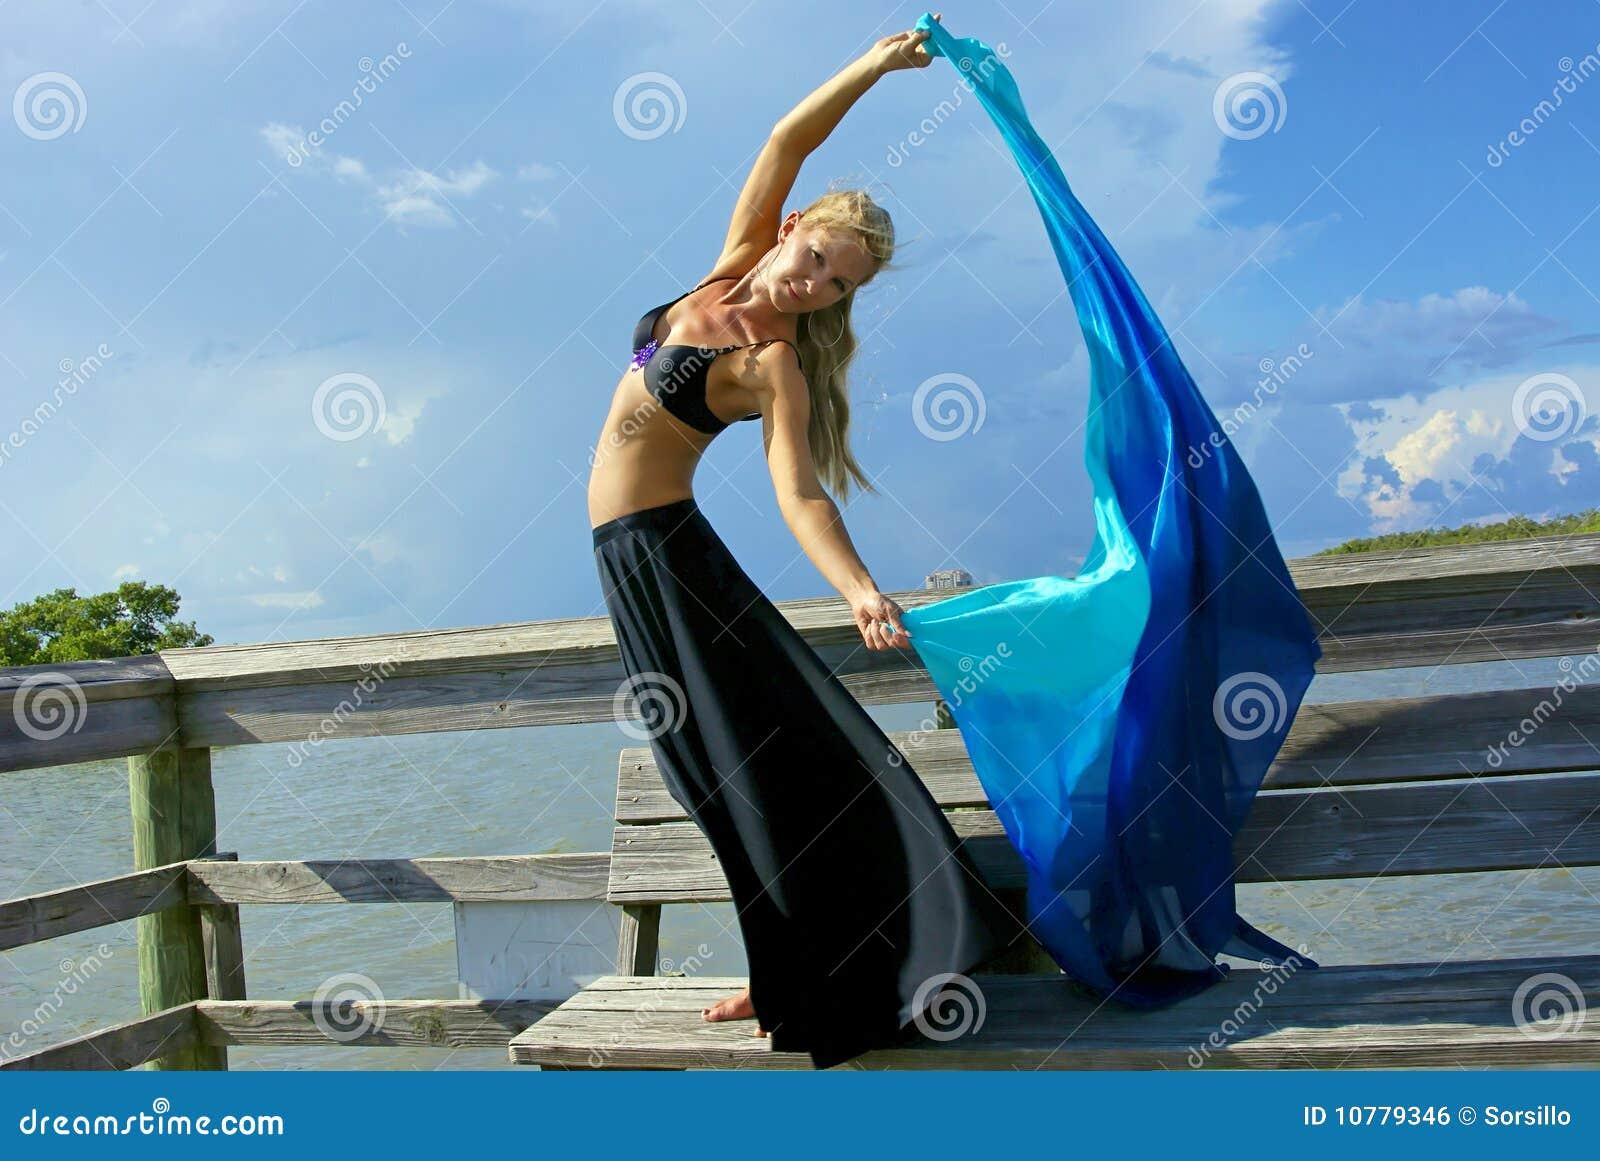 Mooie dansers stromende doek